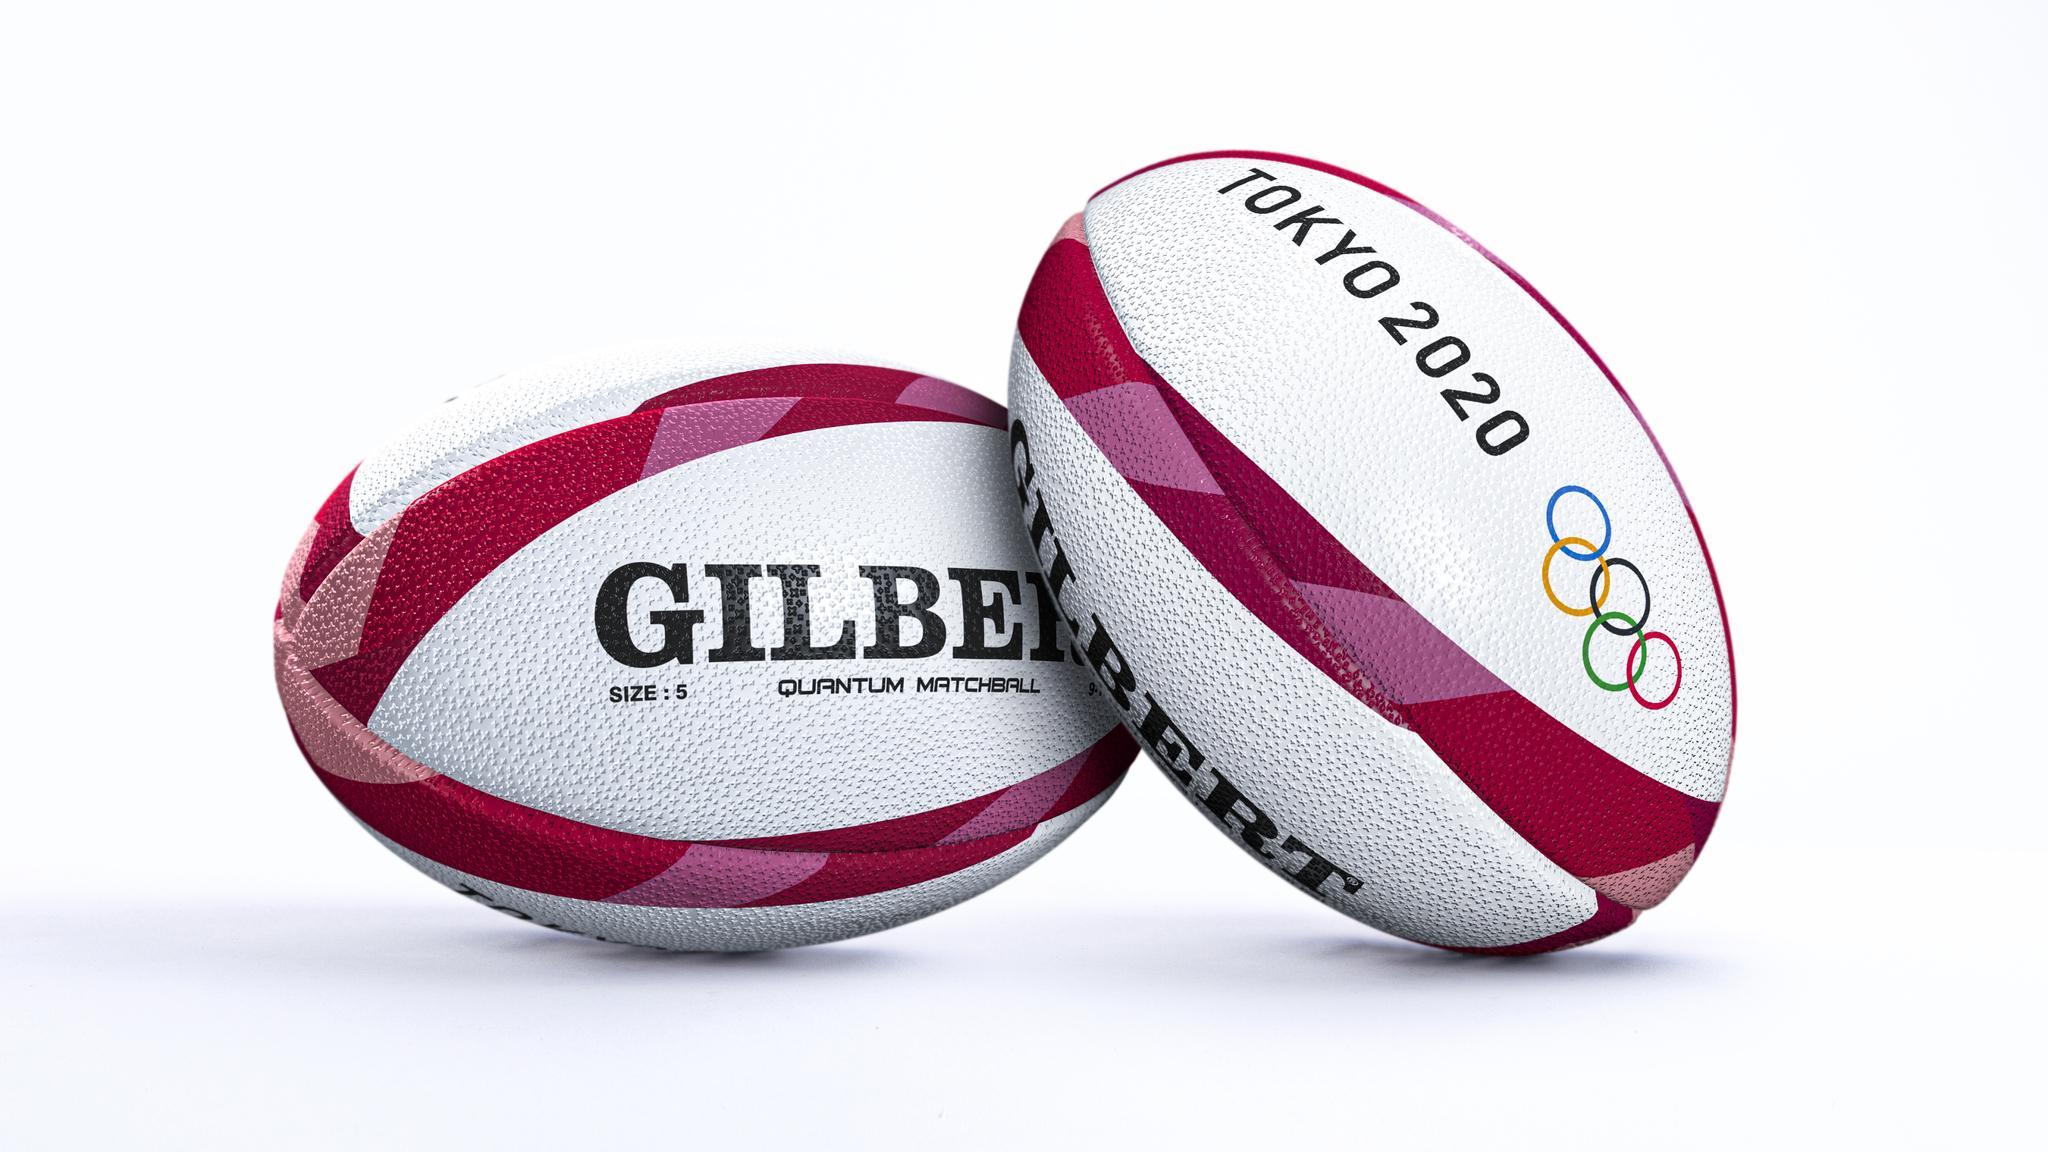 Bola tecnológica criada especialmente para o sevens será usada em Tóquio